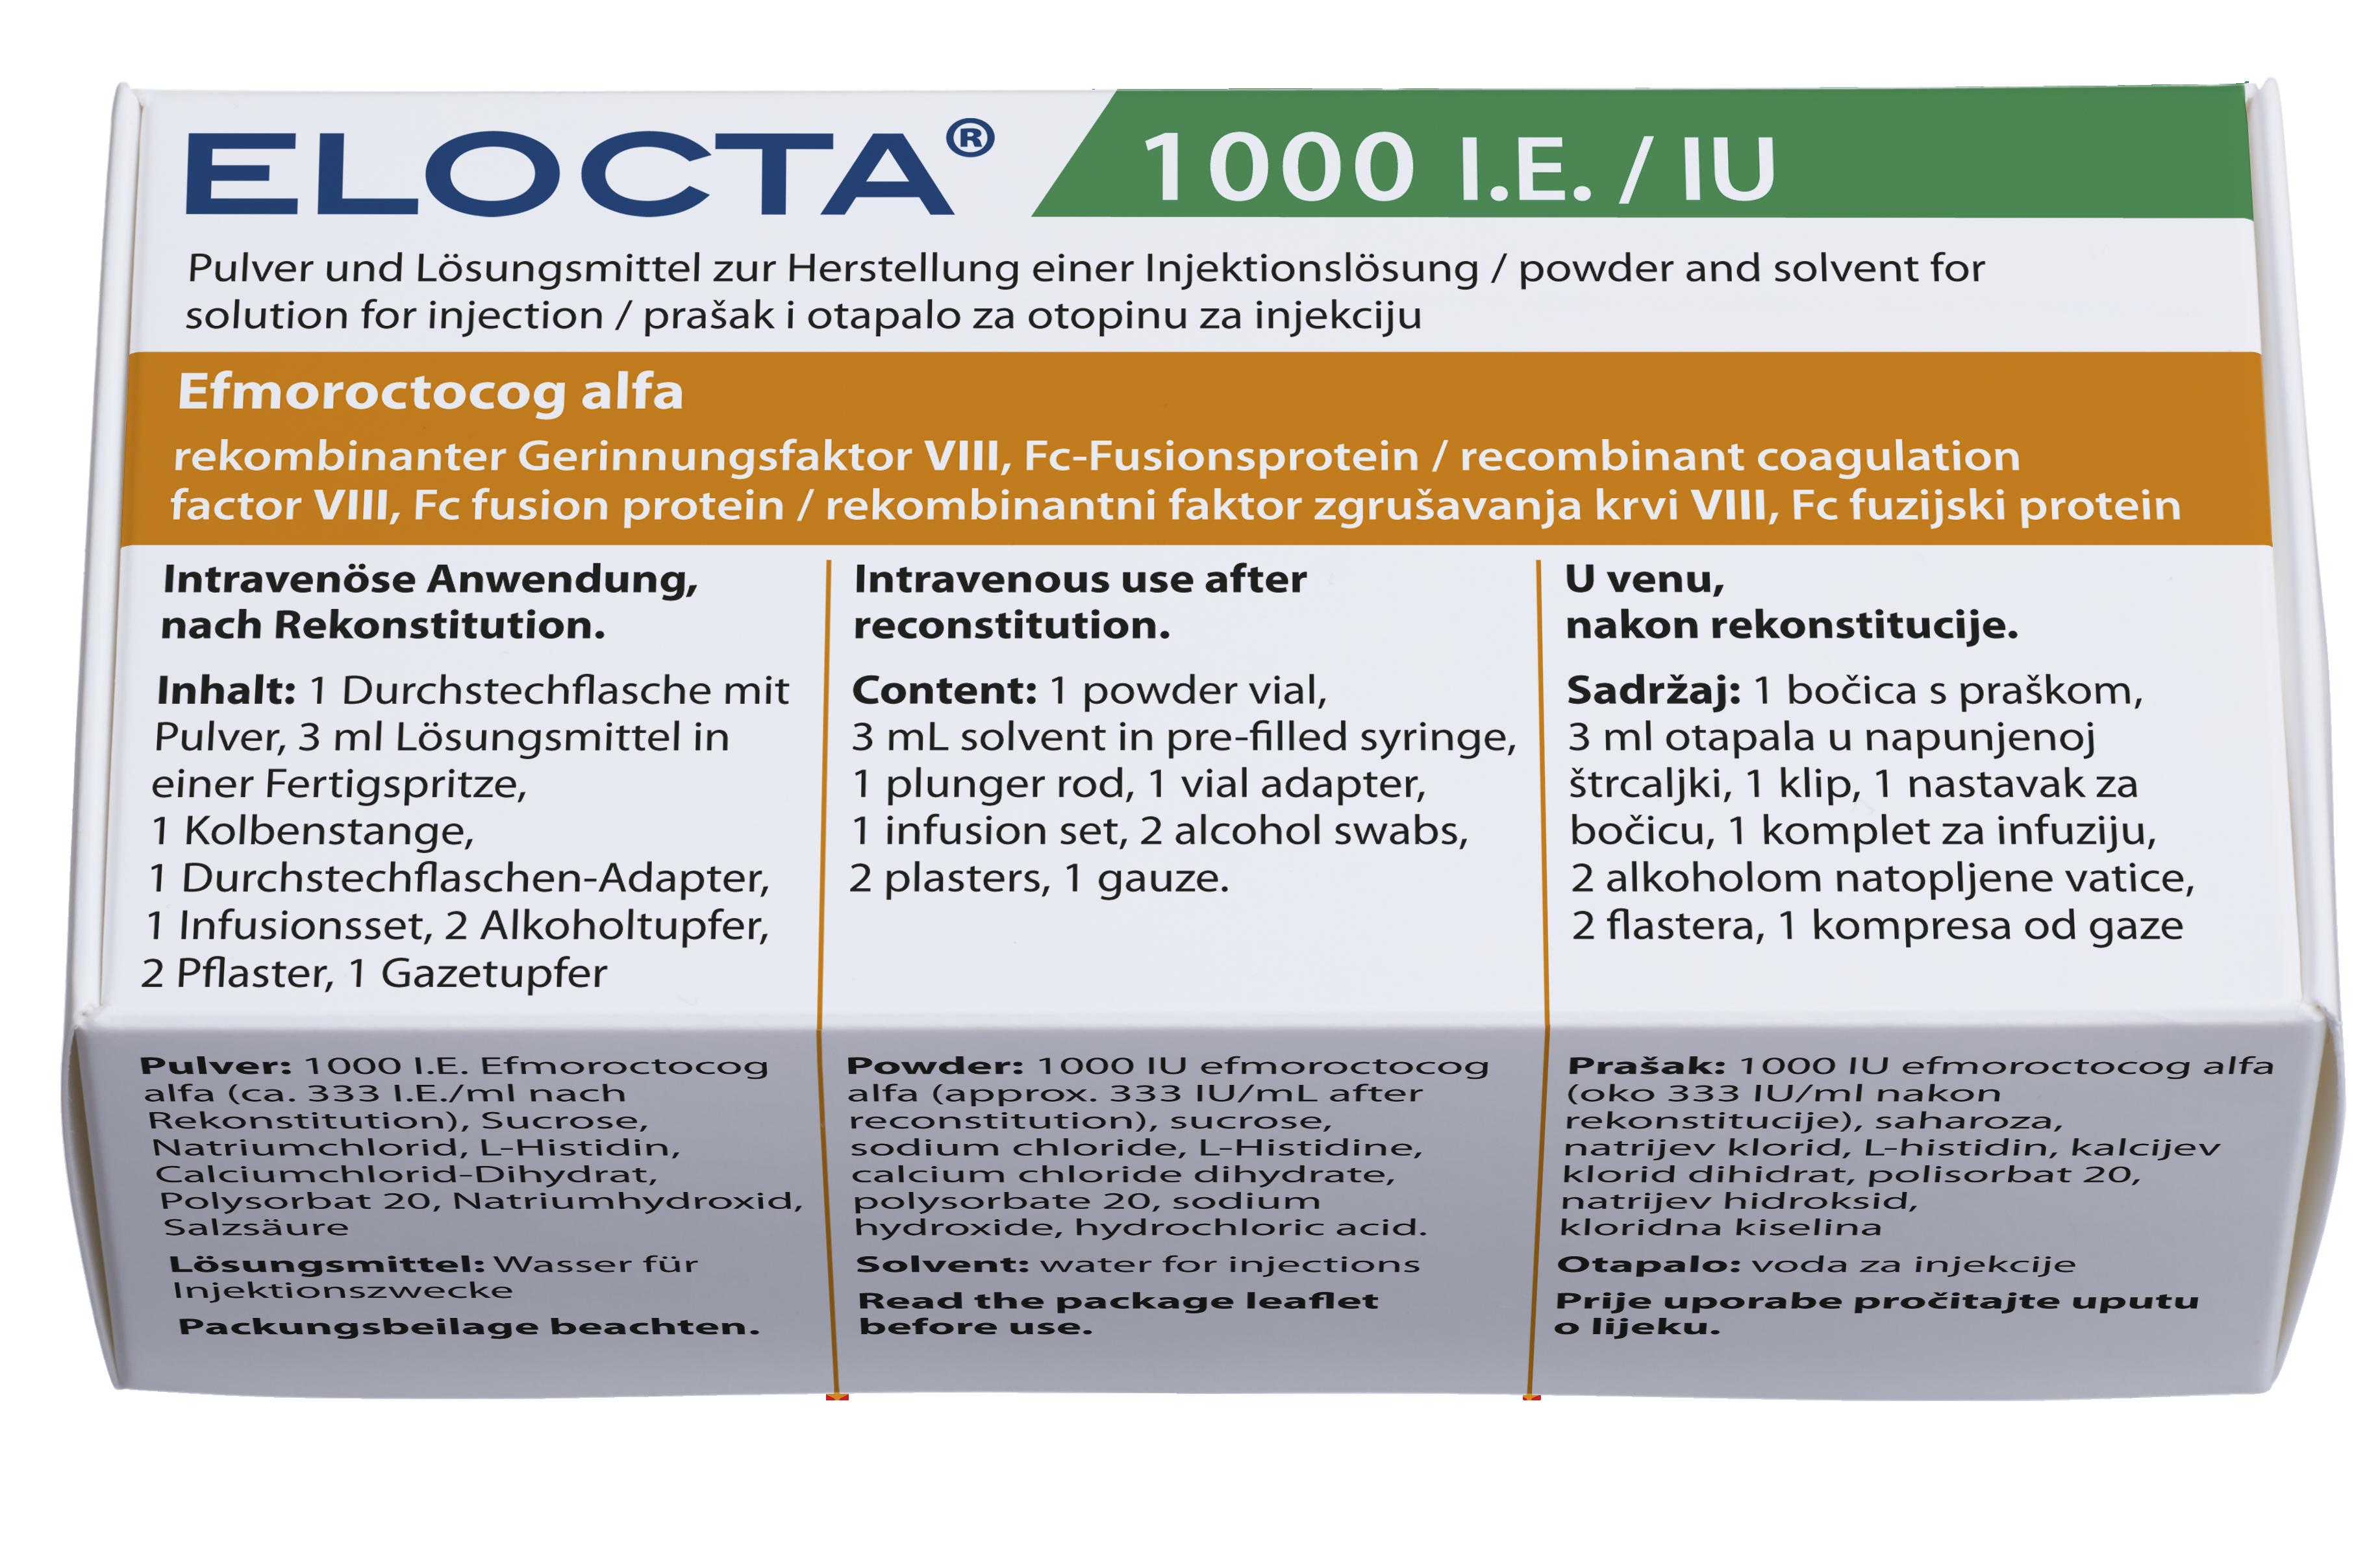 Image ELOCTA 1000 UI Pdre/solv p sol inj Fl+Ser/3ml